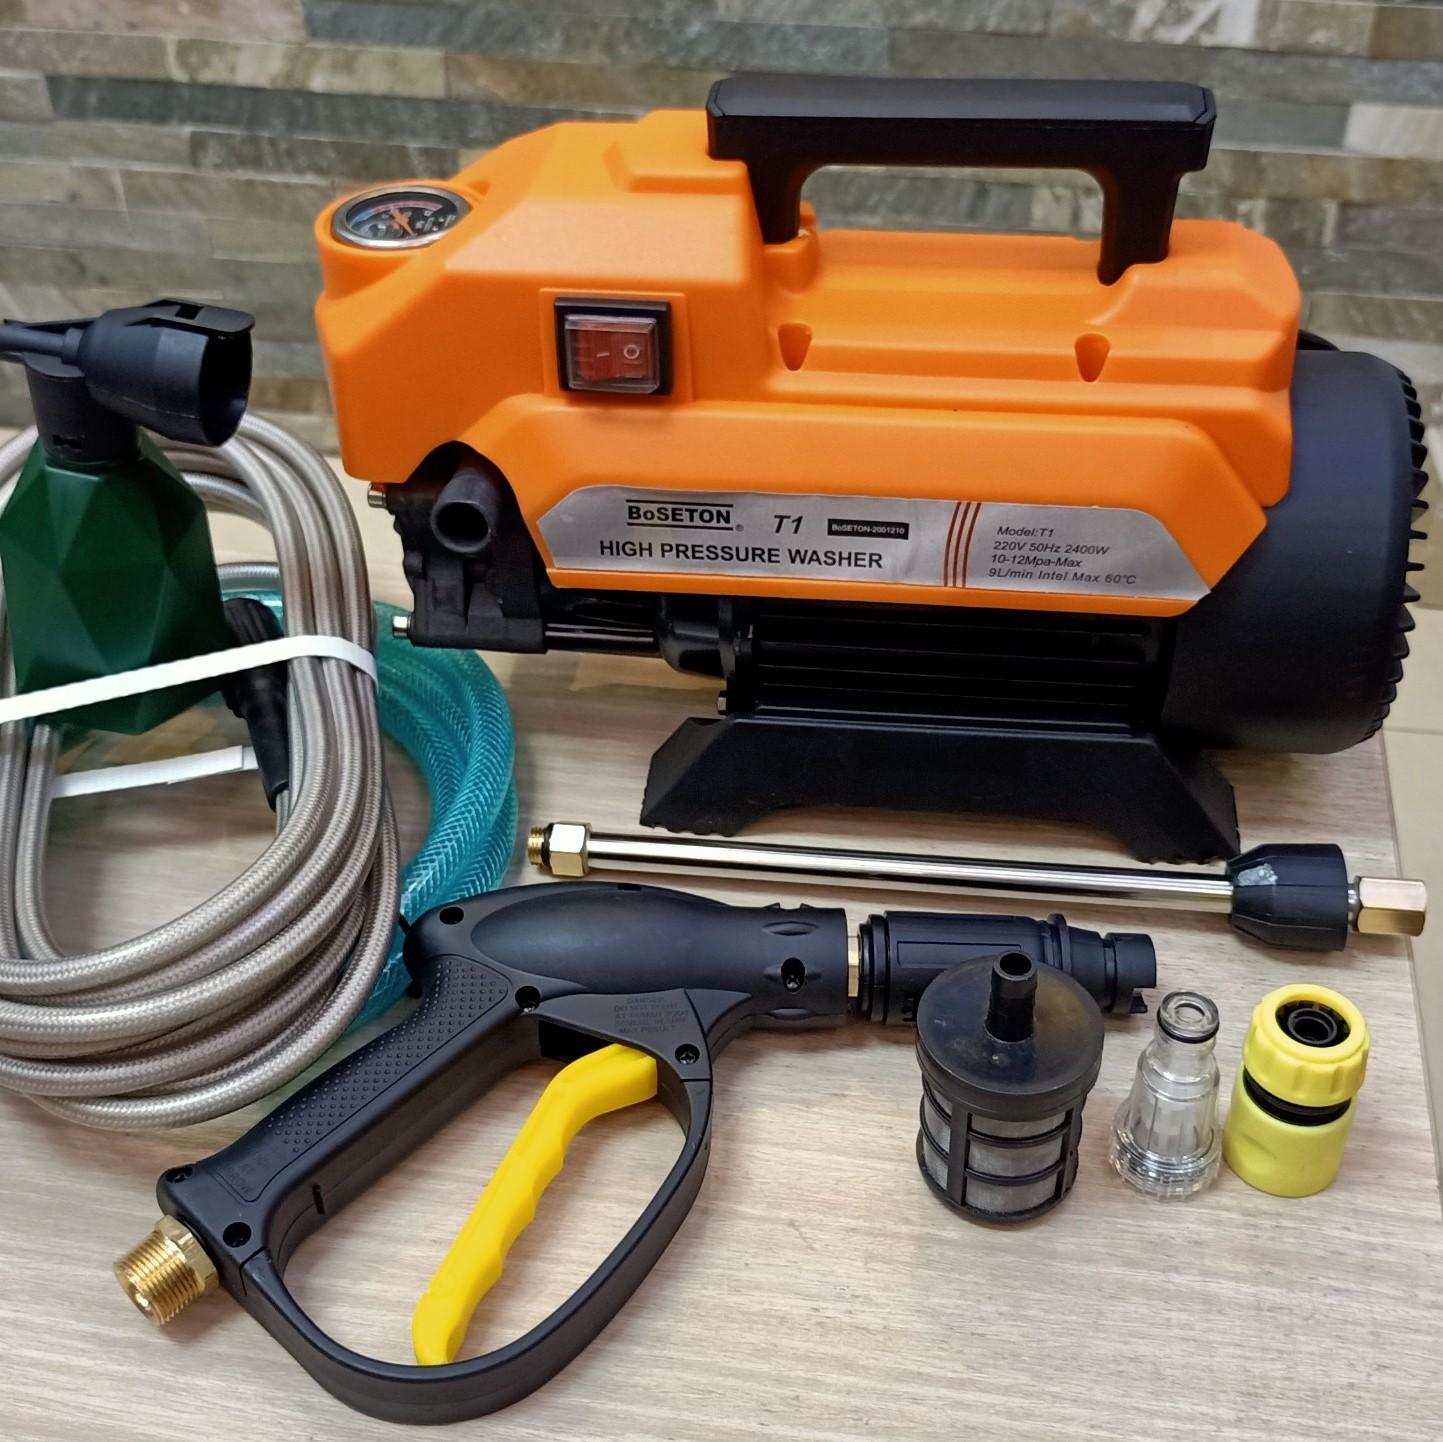 máy rửa xe gia đình mini T1 USA boseton - dòng máy khỏe 100% lõi đồng - Máy  xịt rửa